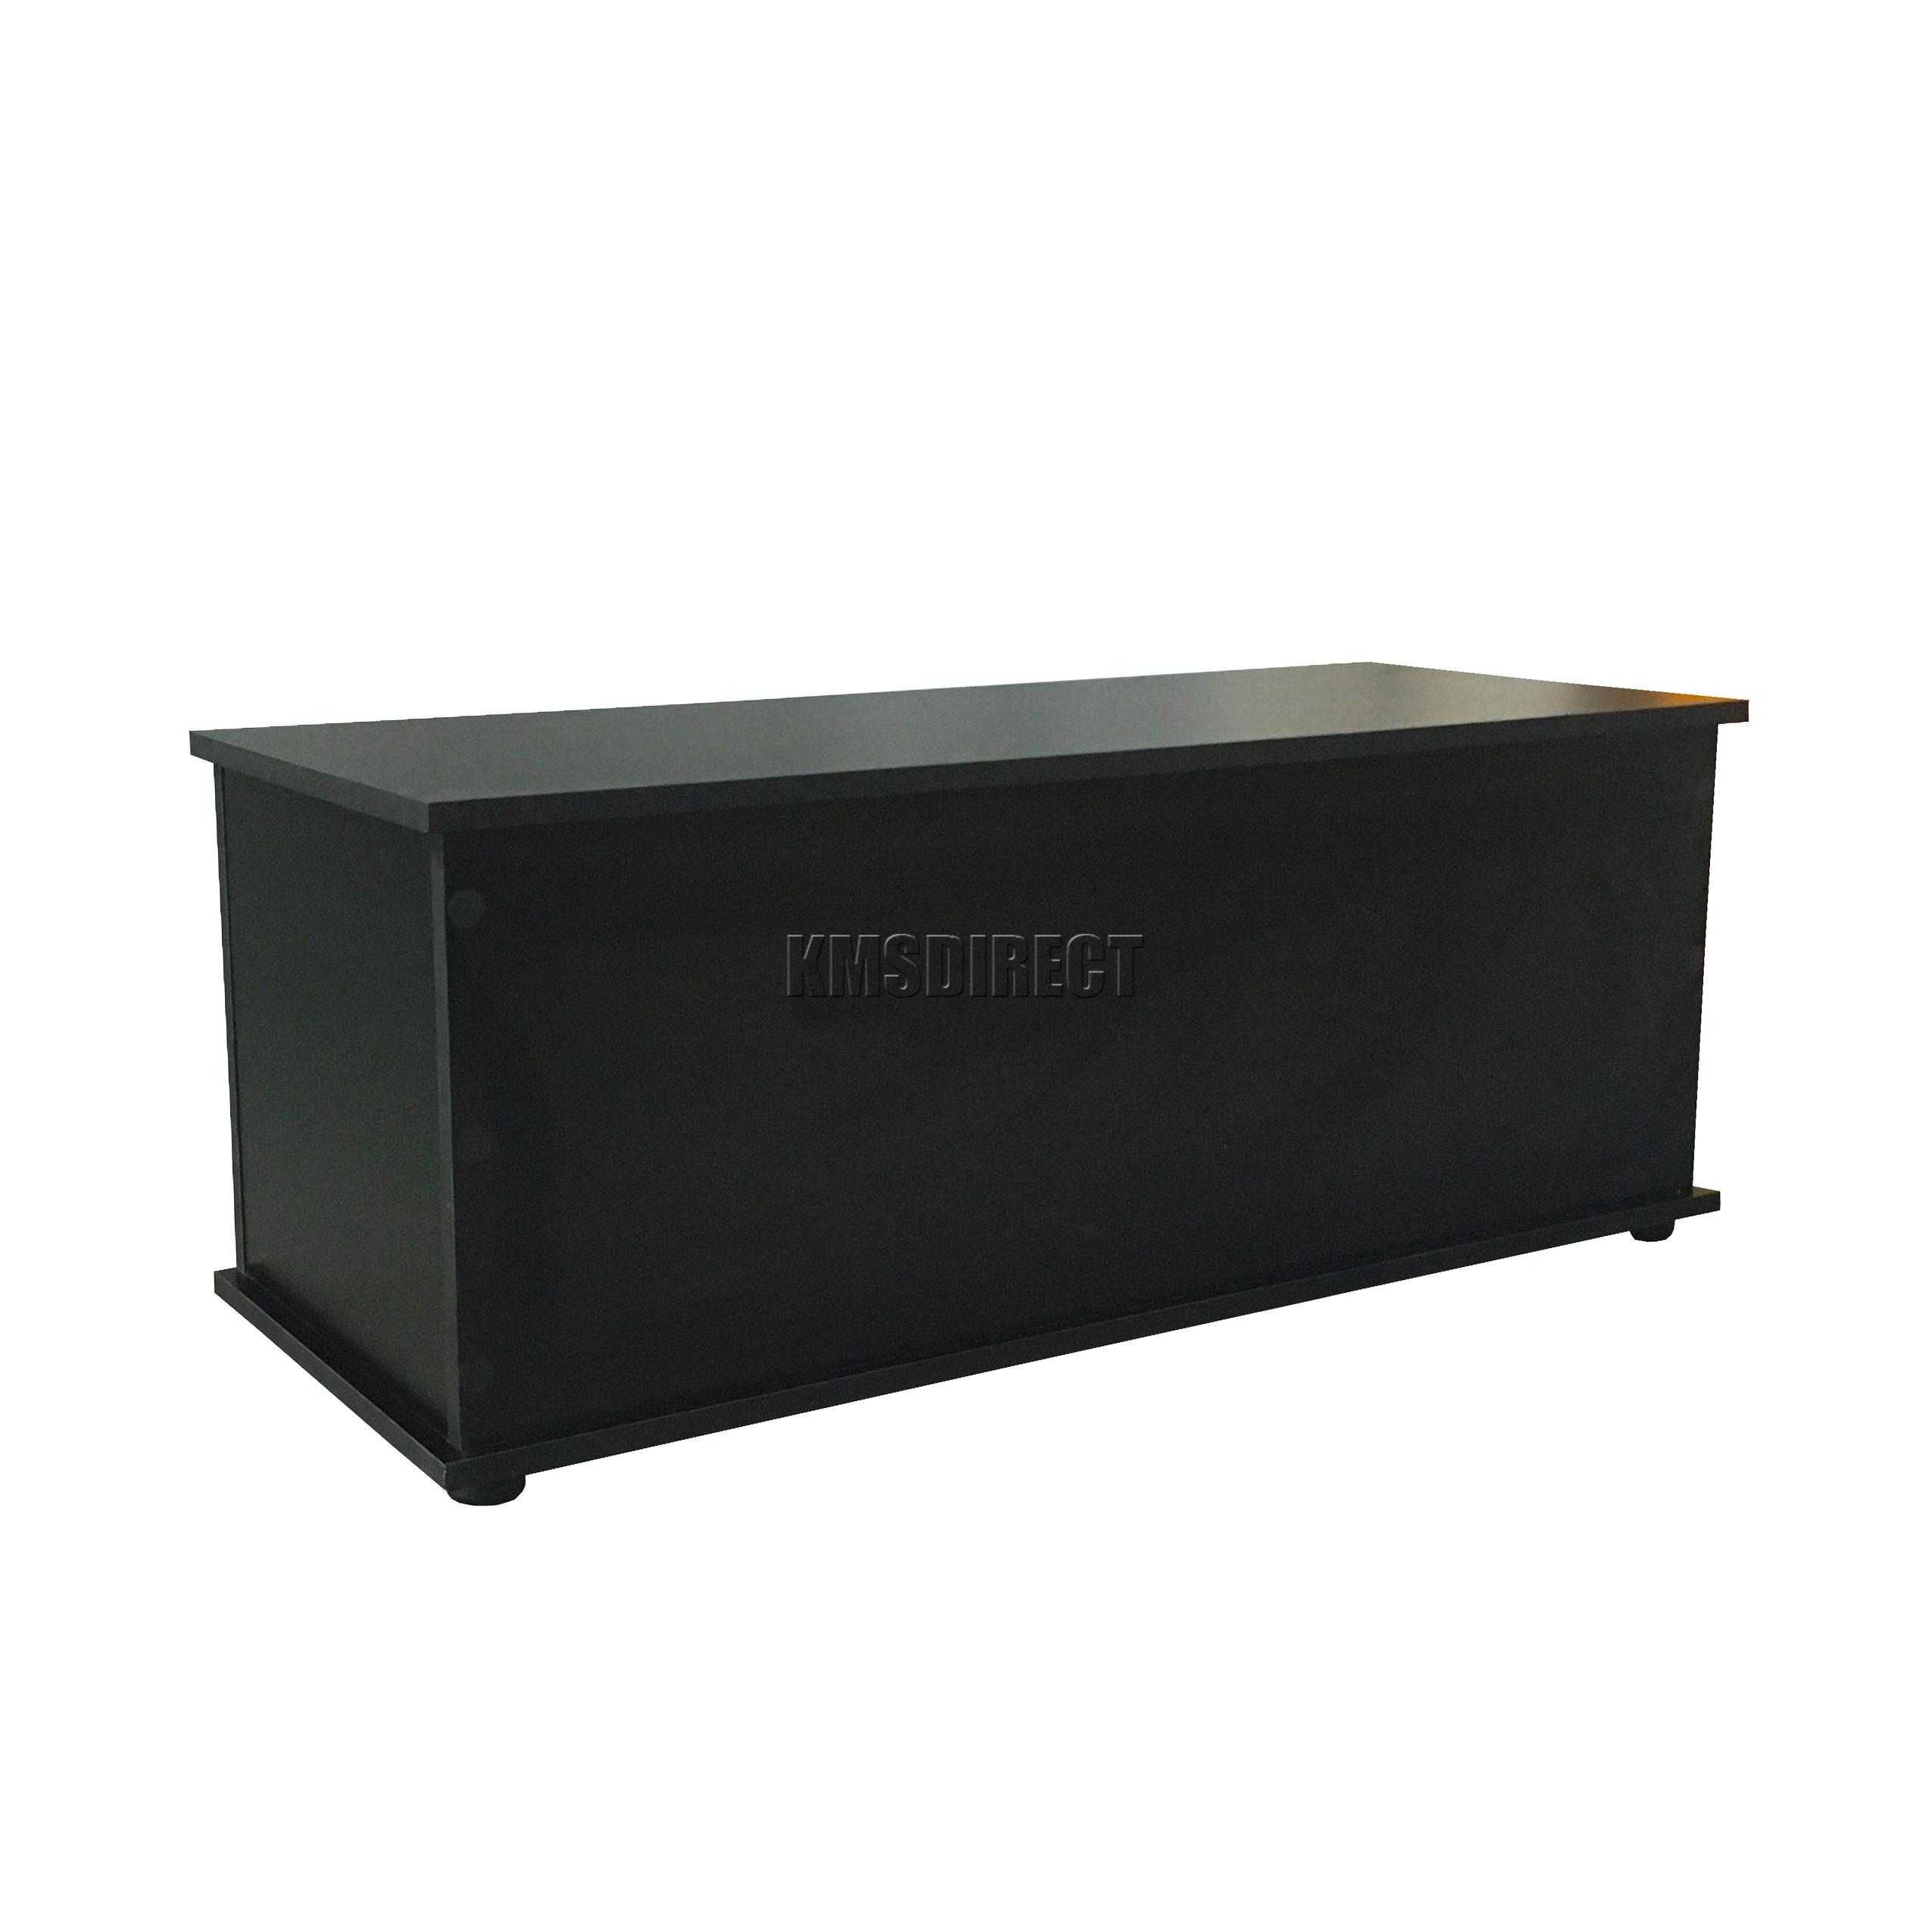 Foxhunter madera almacenamiento armario organizador ba l for Gabinete de almacenamiento dormitorio